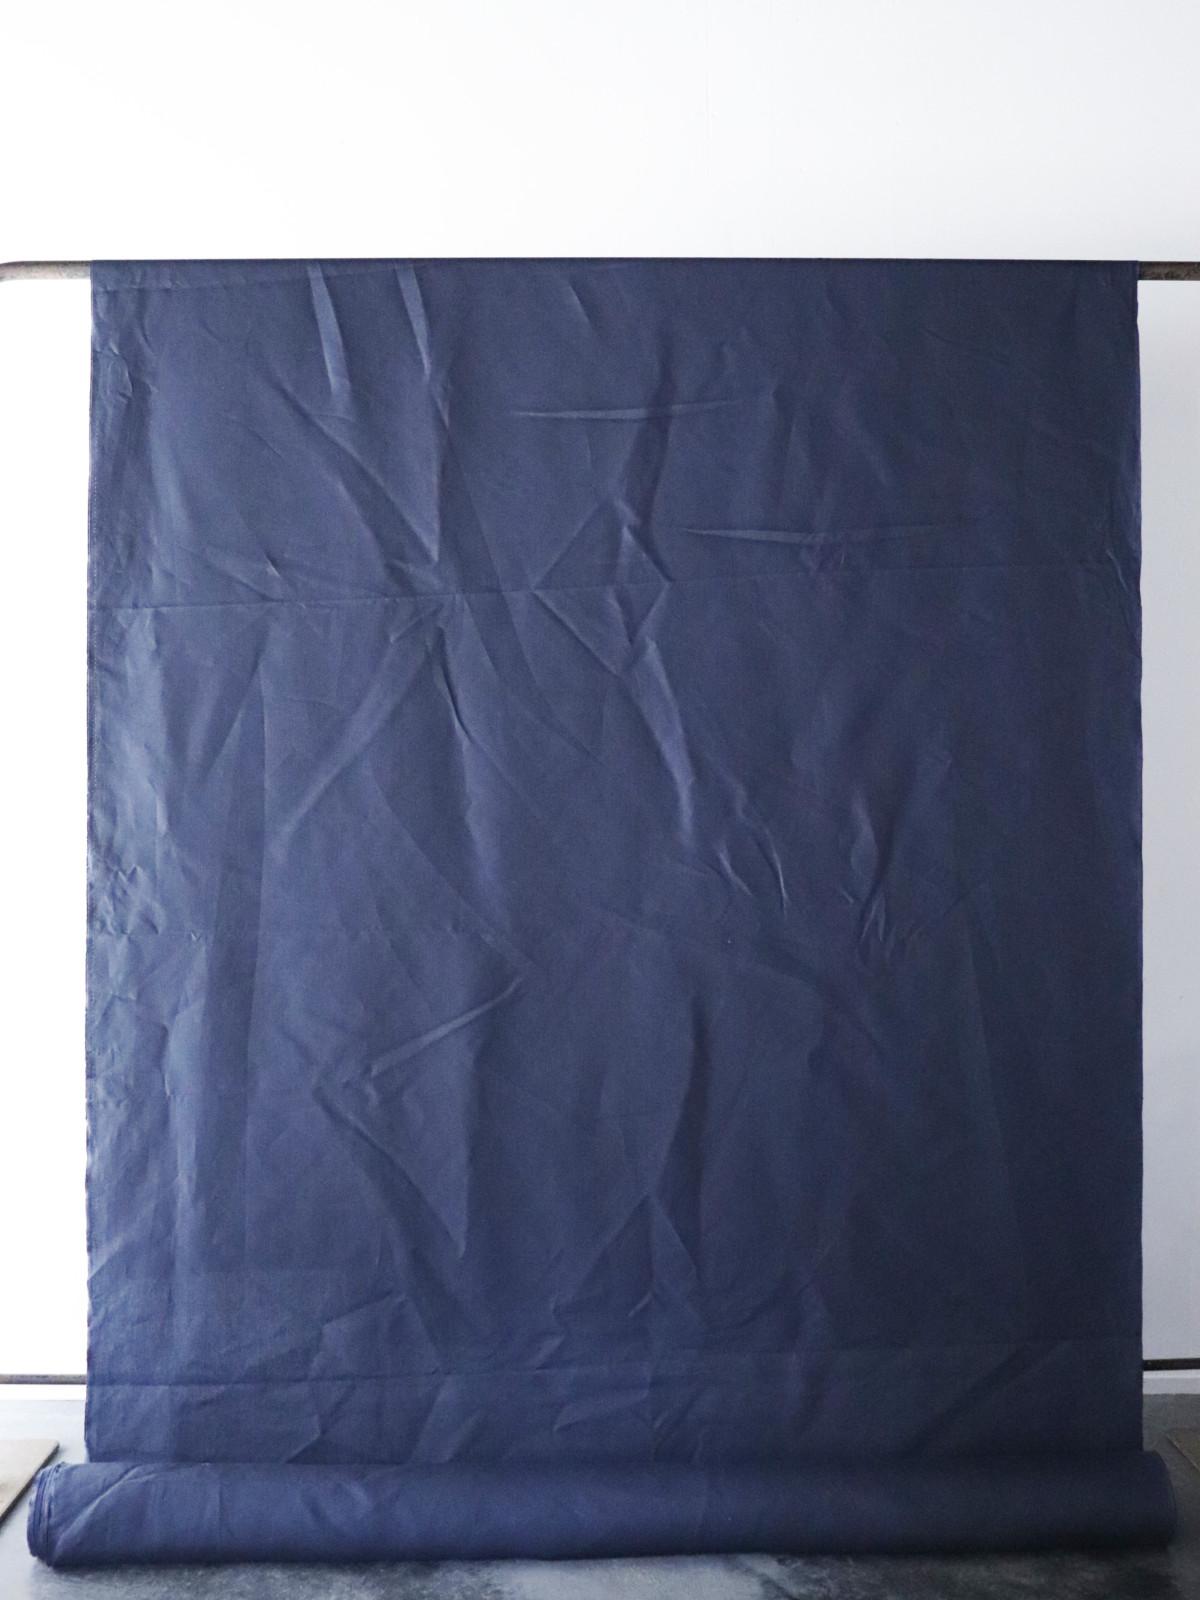 Dead Stock irish linen fabric, Ireland